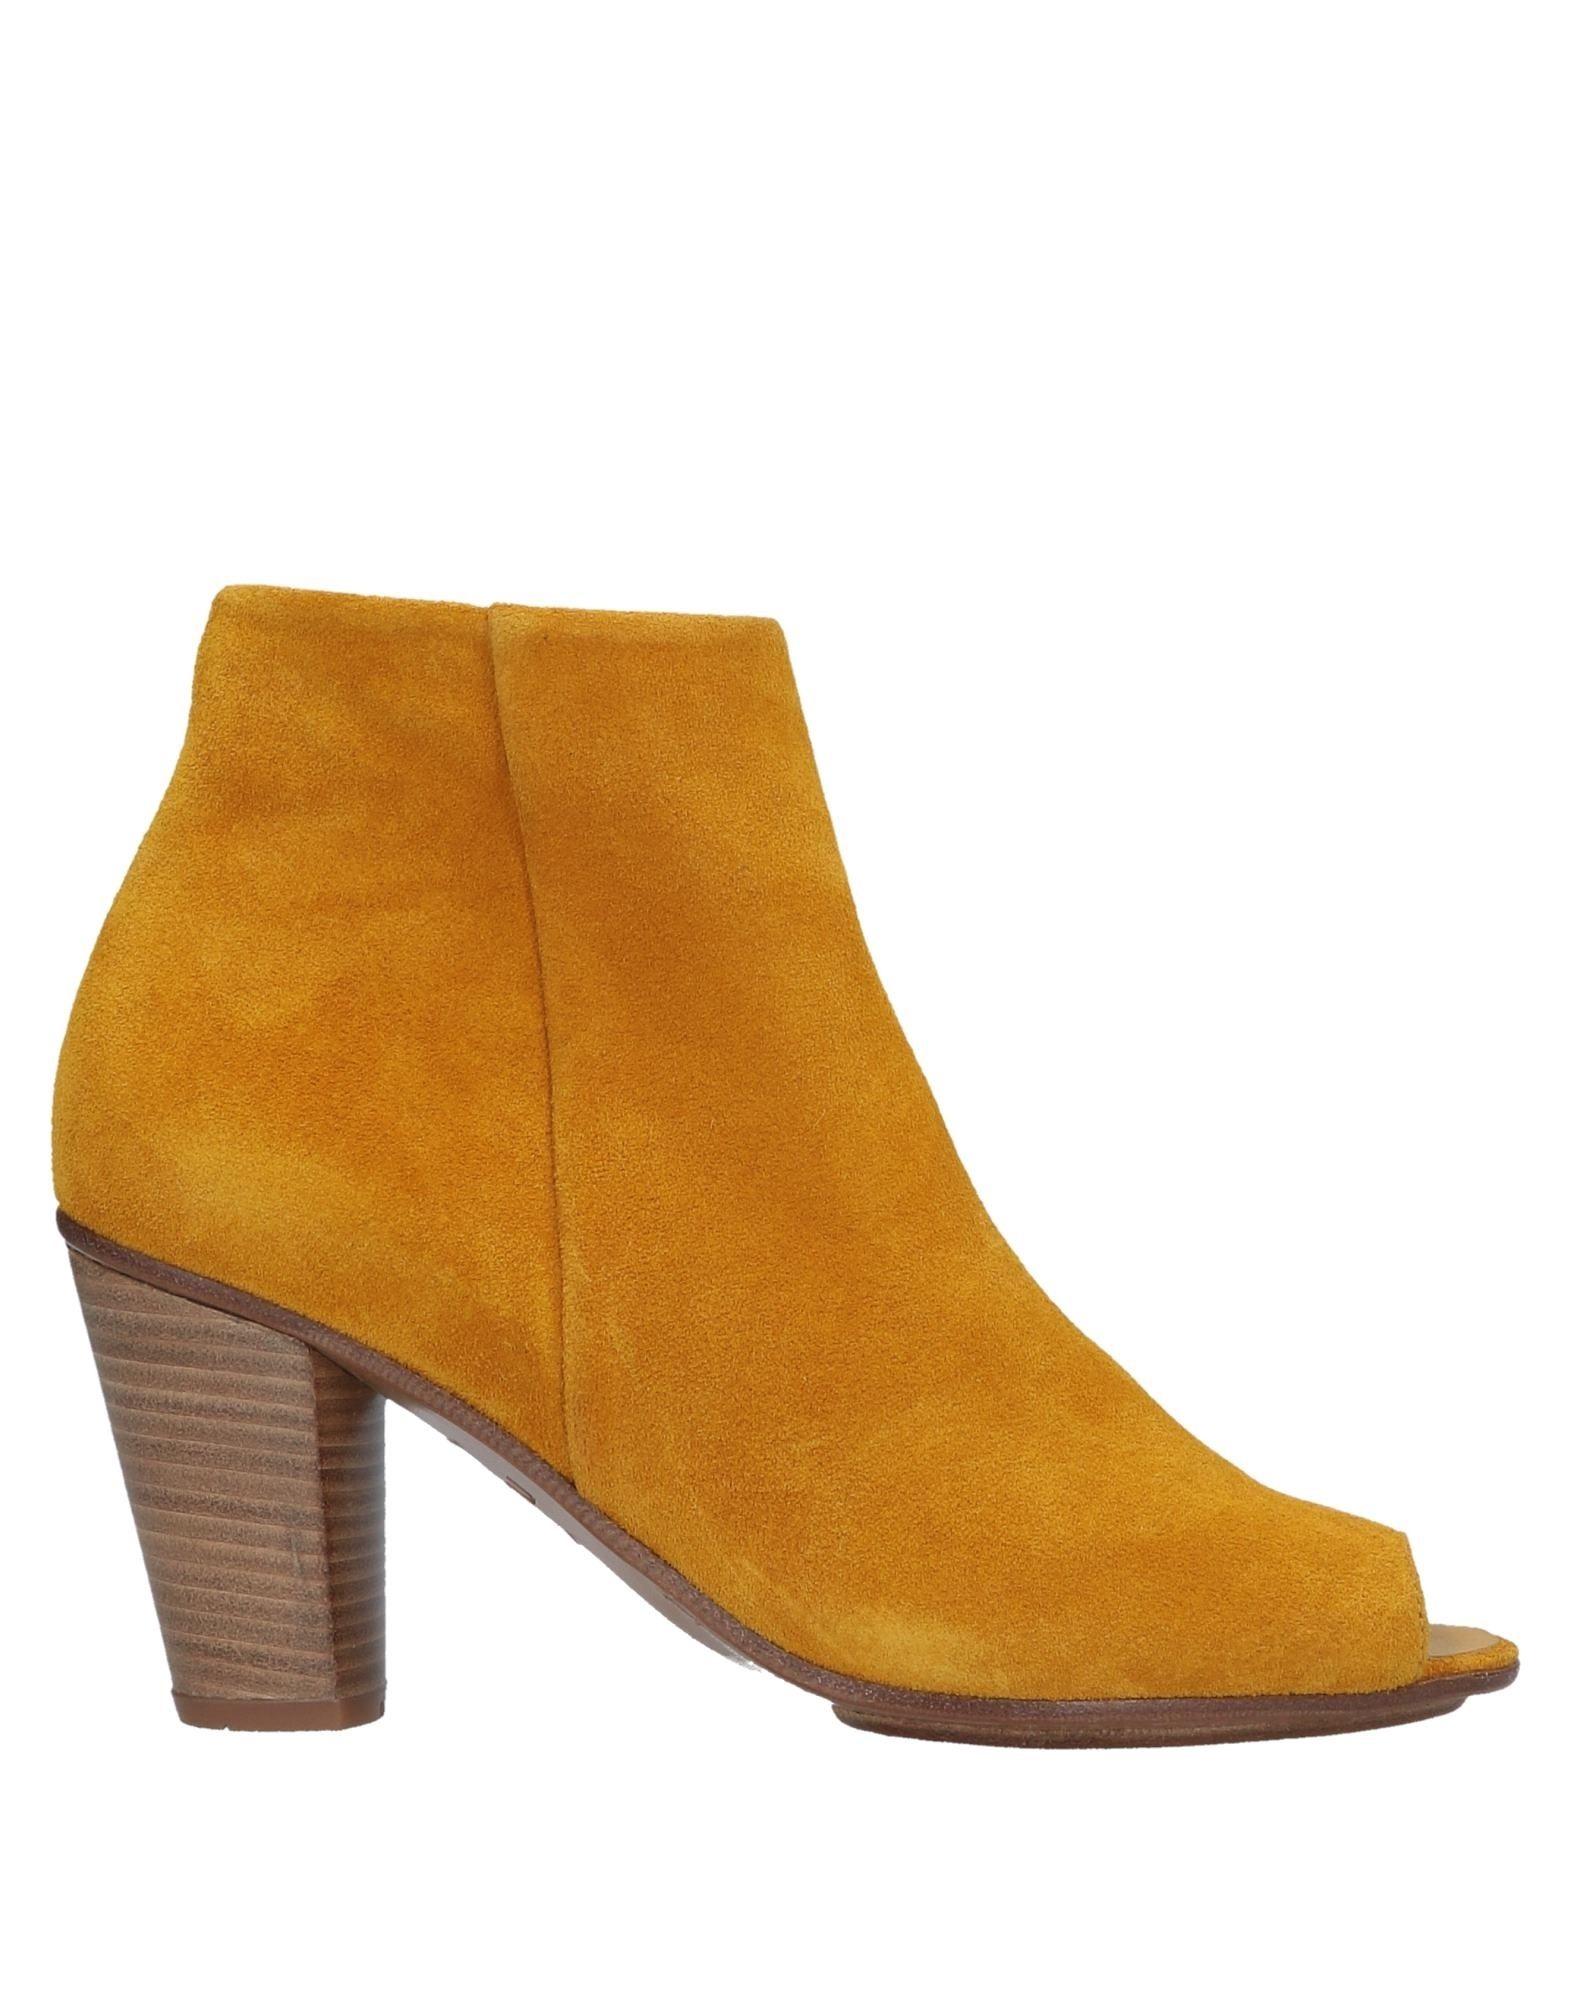 катерпиллер обувь мужская купить в москве